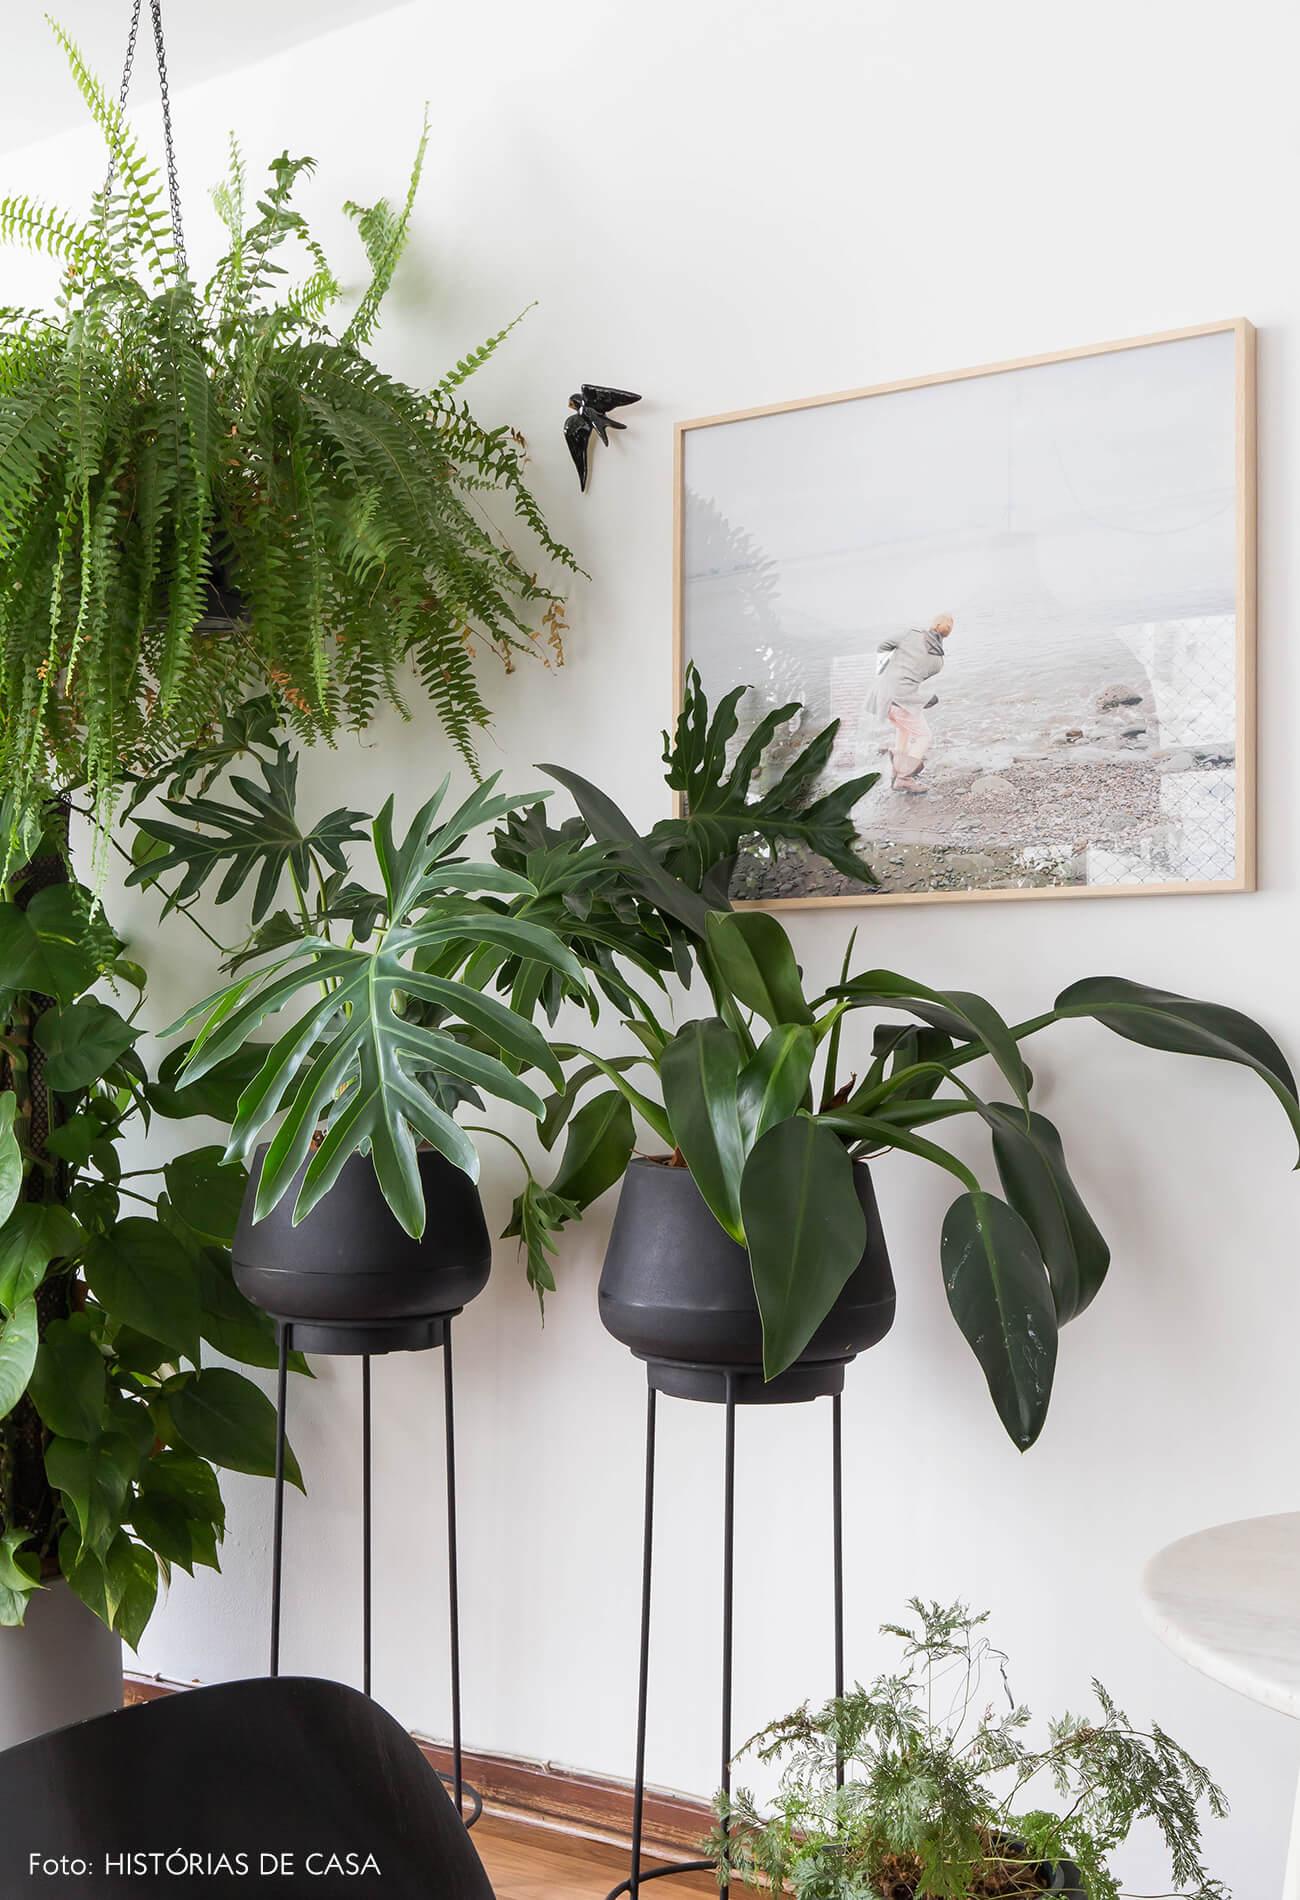 Sala com plantas e suportes de piso